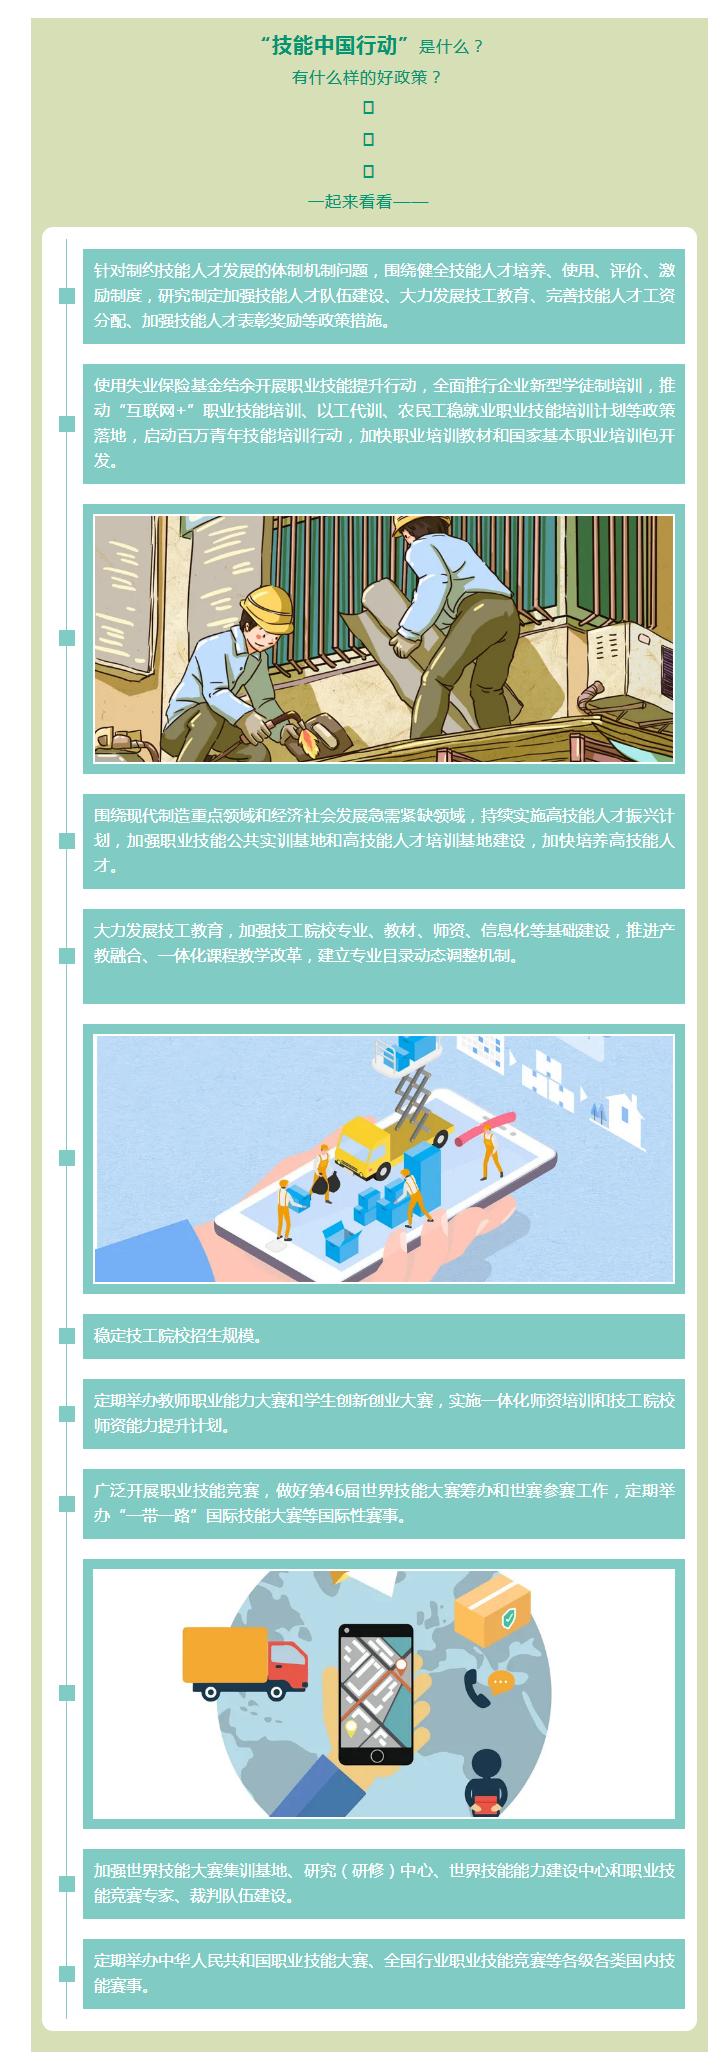 技能中国行动,了解一下